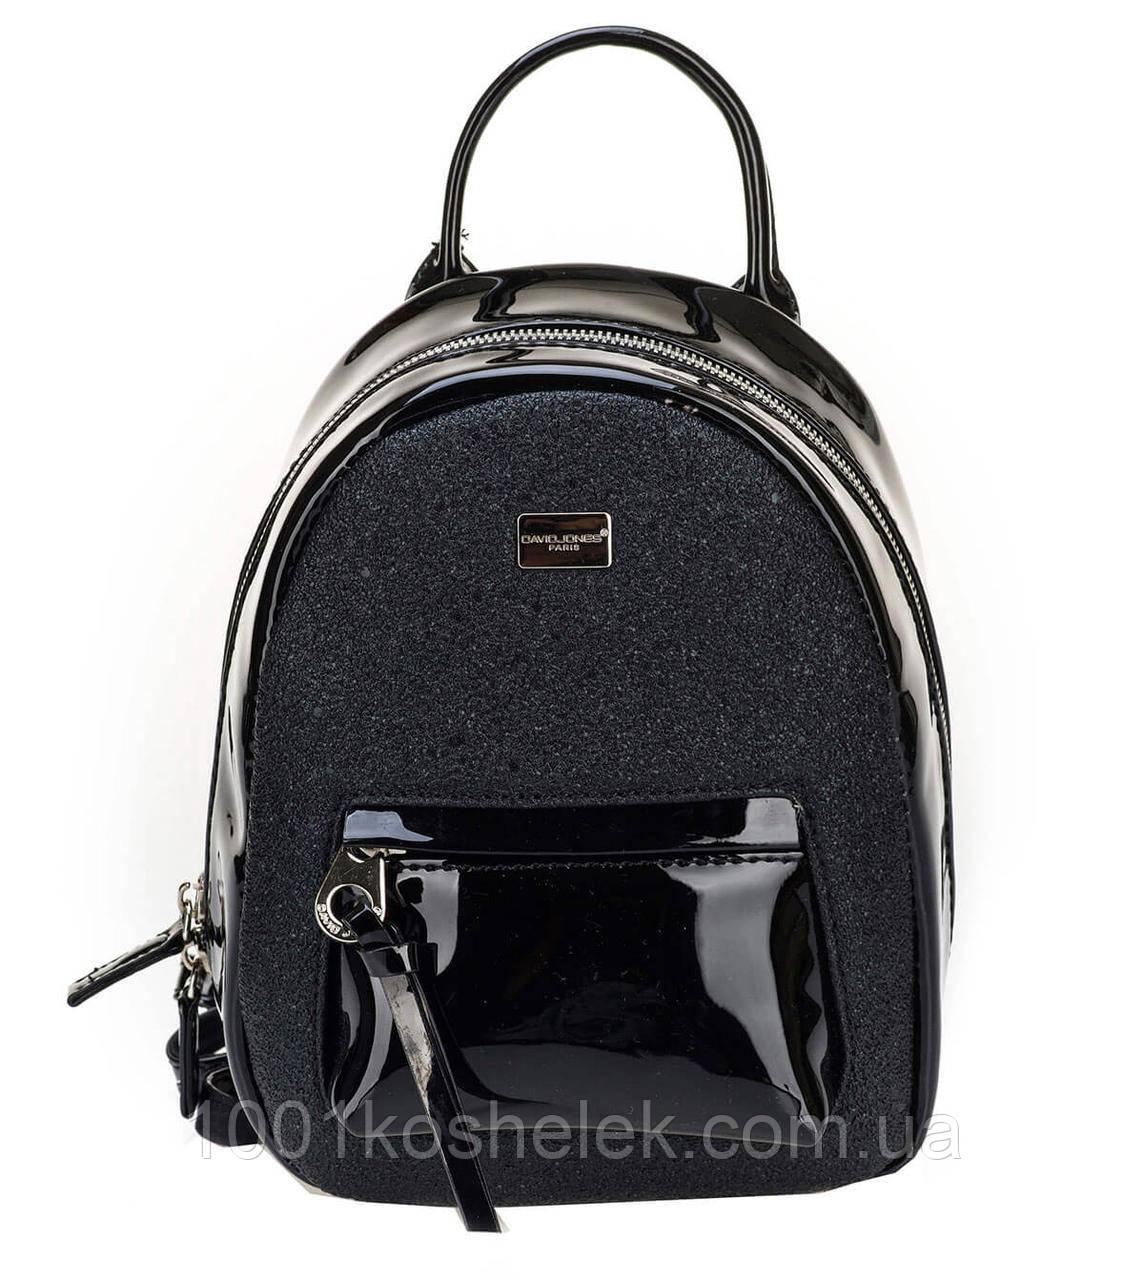 Рюкзак David Jones CM3983 (Черный)